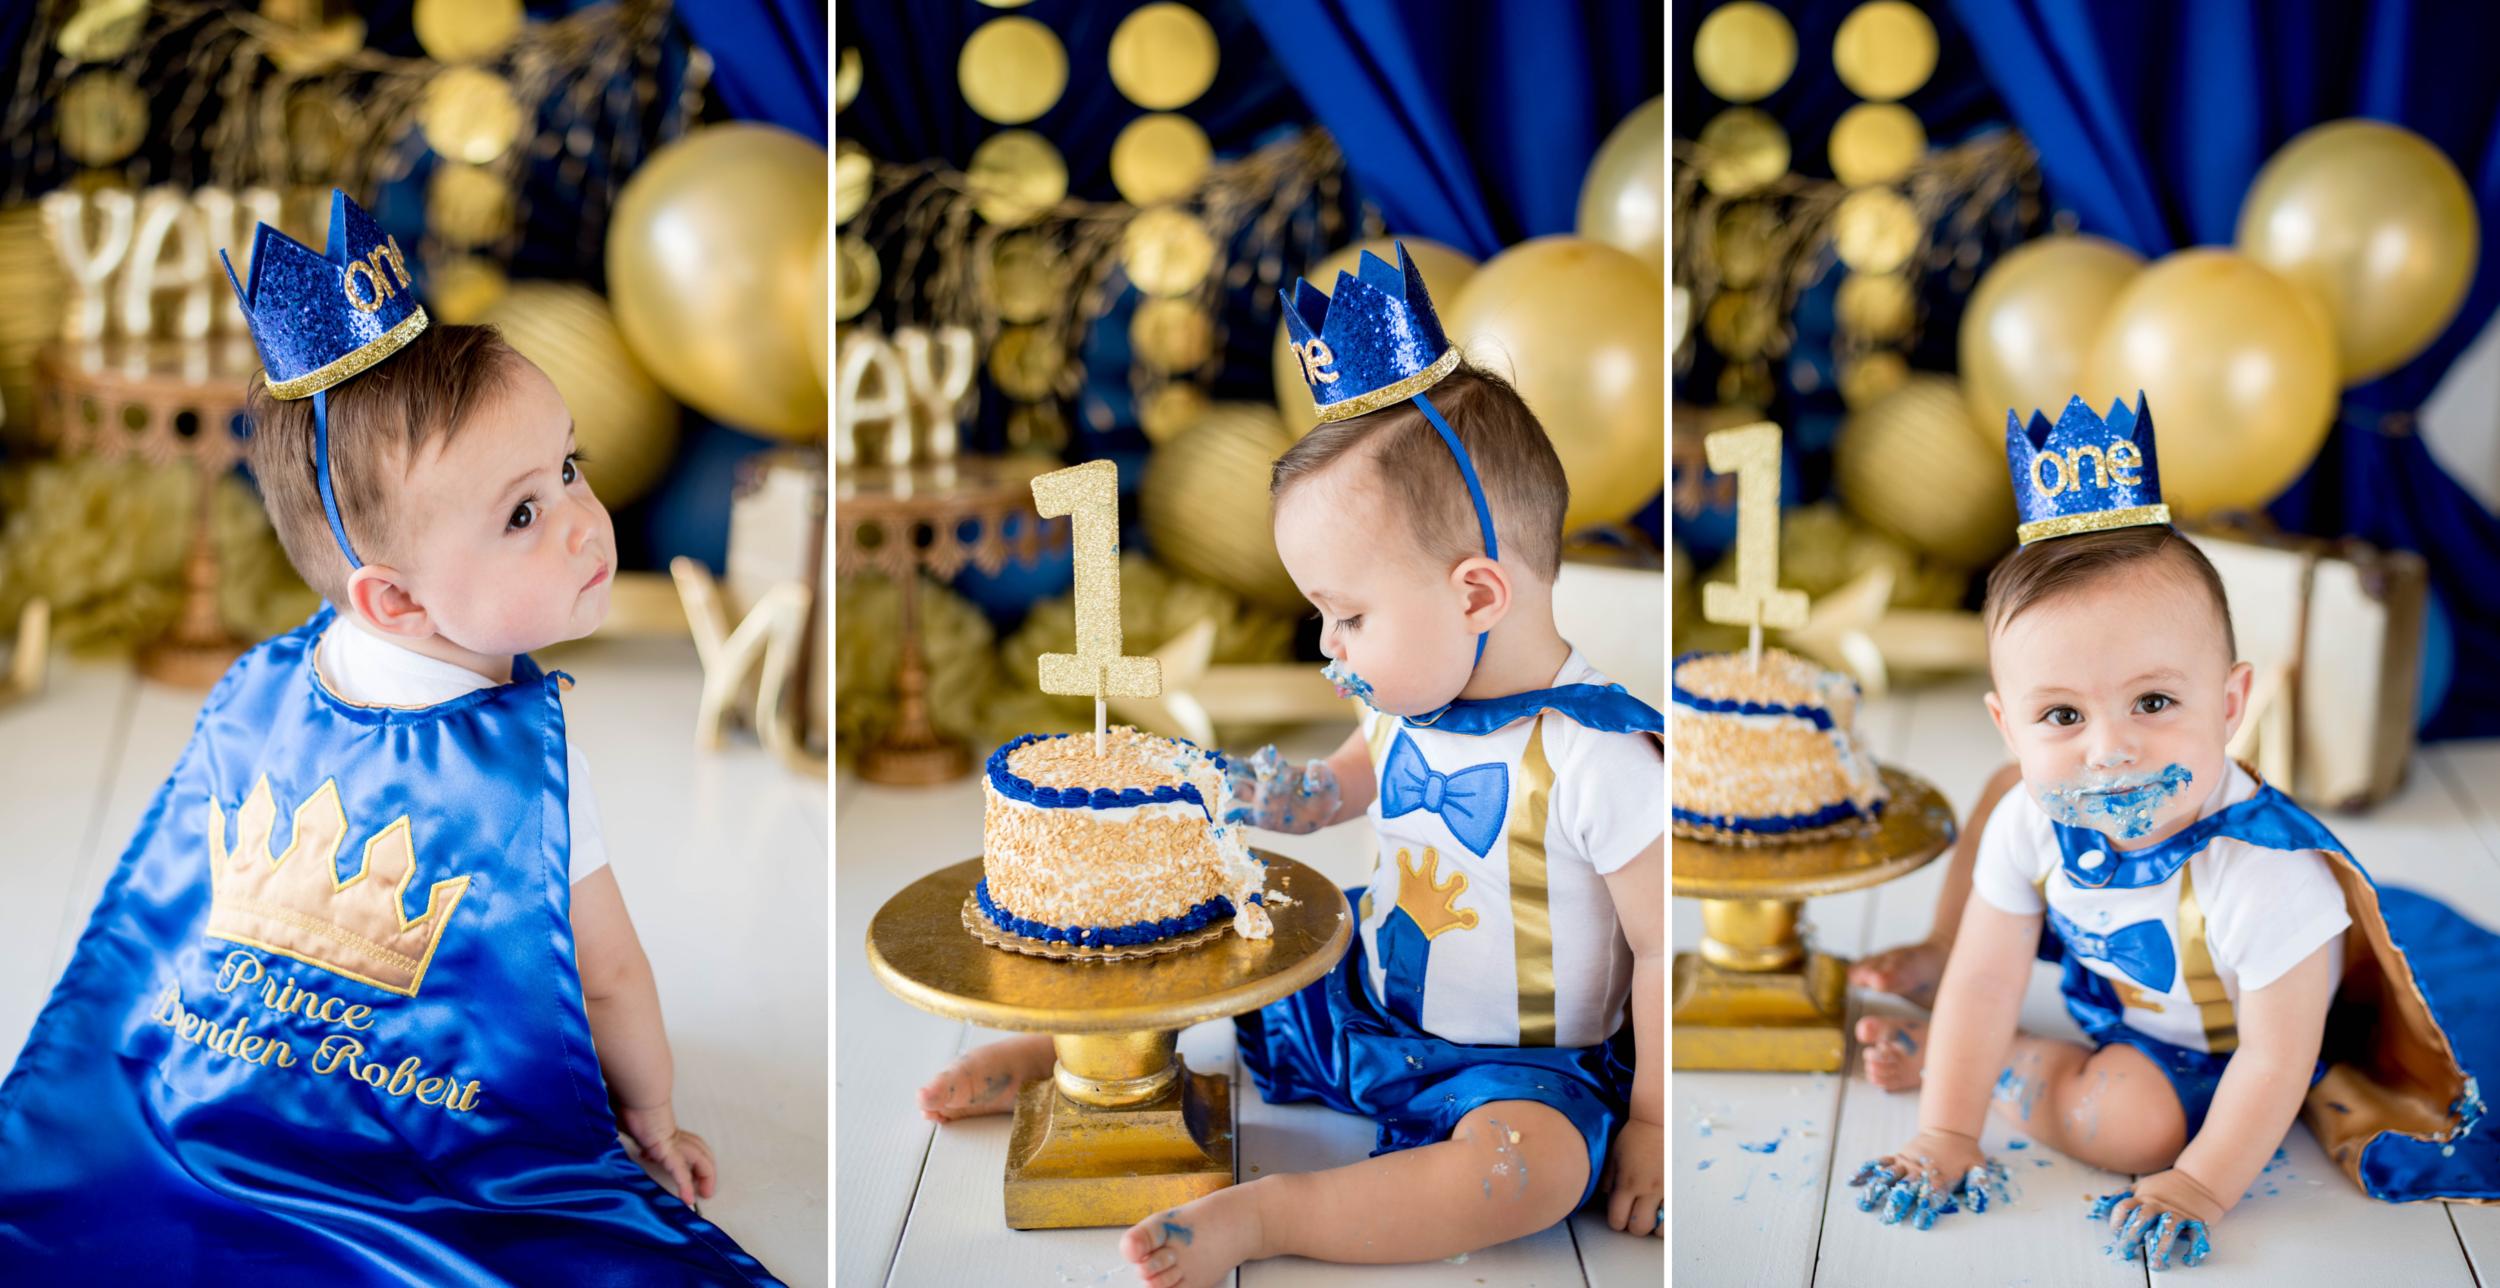 Prince Charming Cake Smash